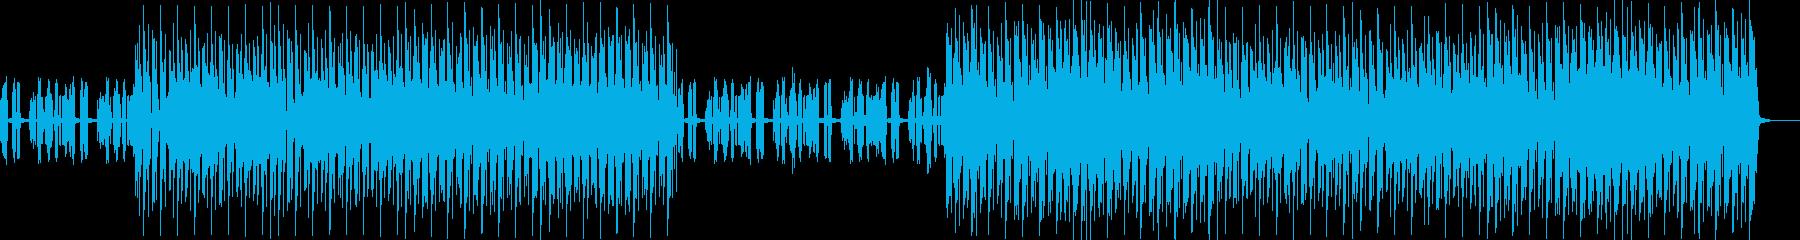 ダーク・ダーティー・EDM4の再生済みの波形